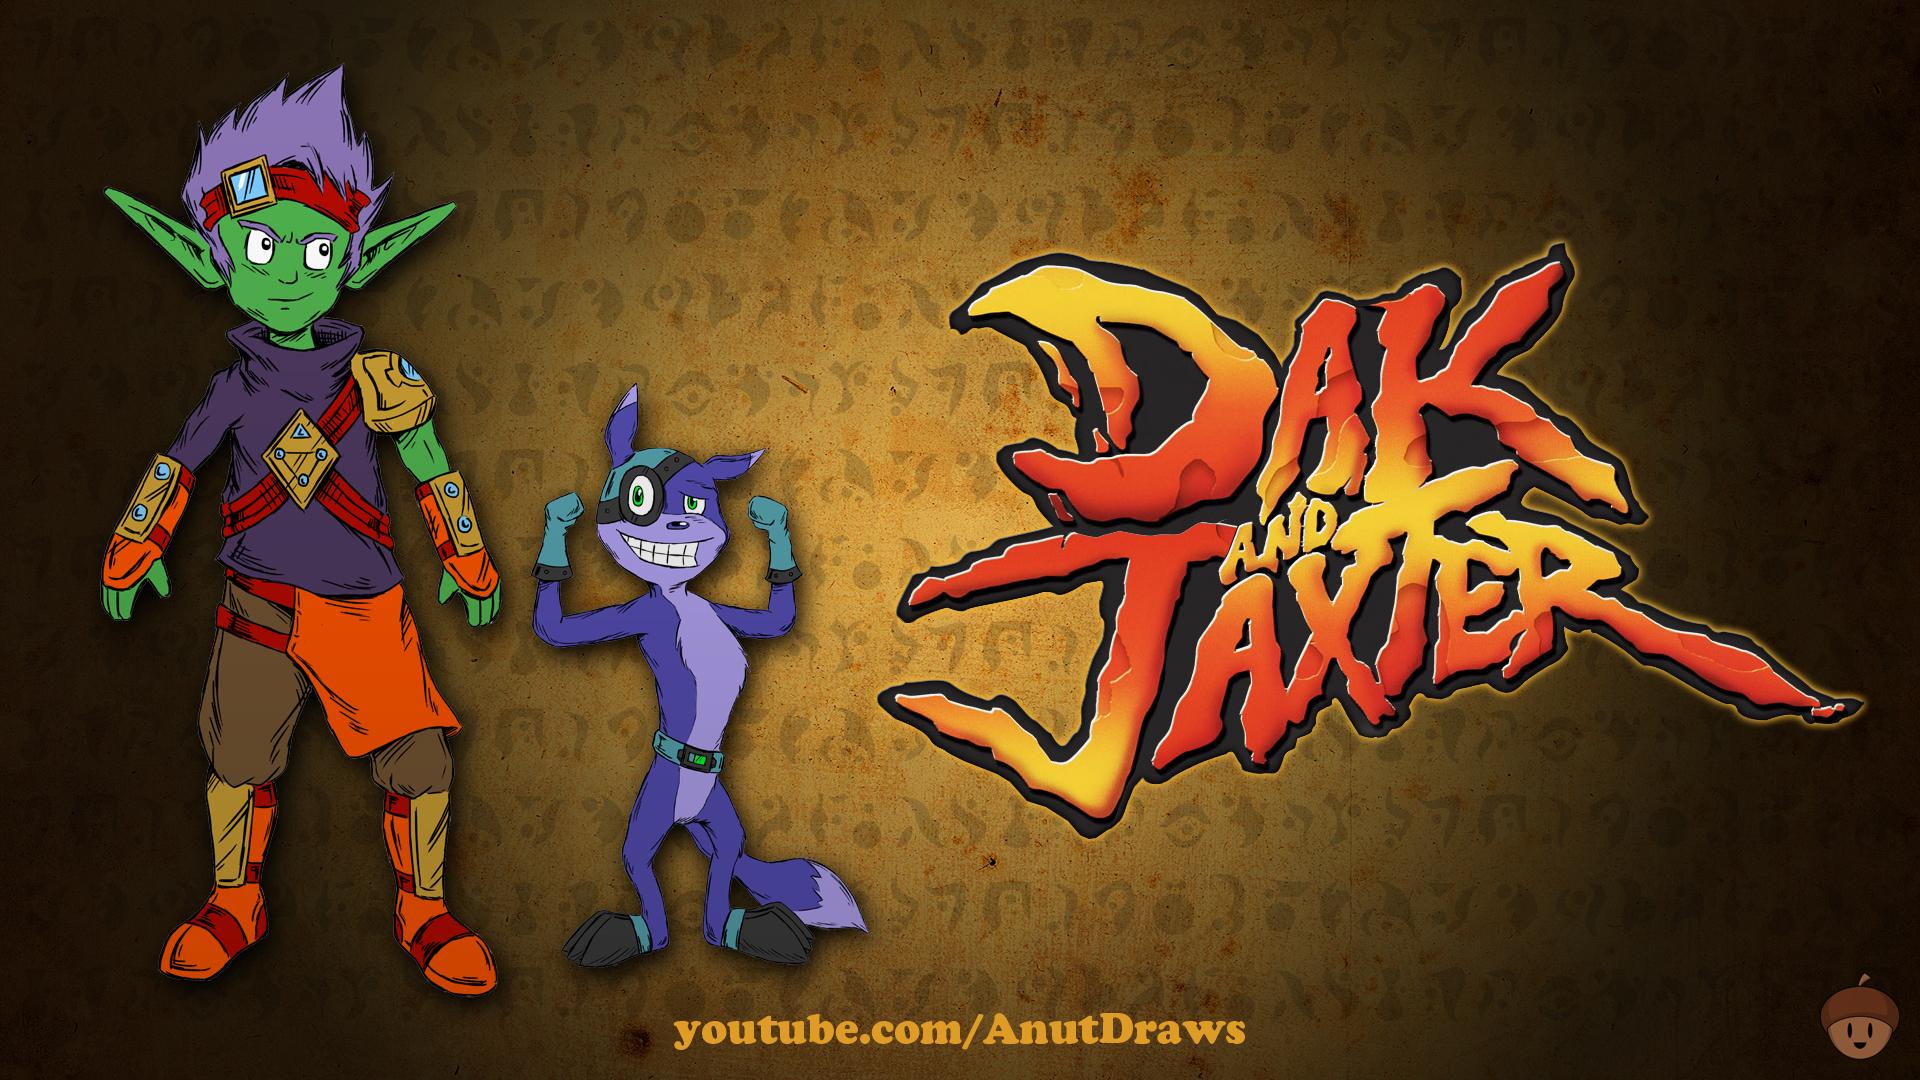 Dak and Jaxter by AnutDraws